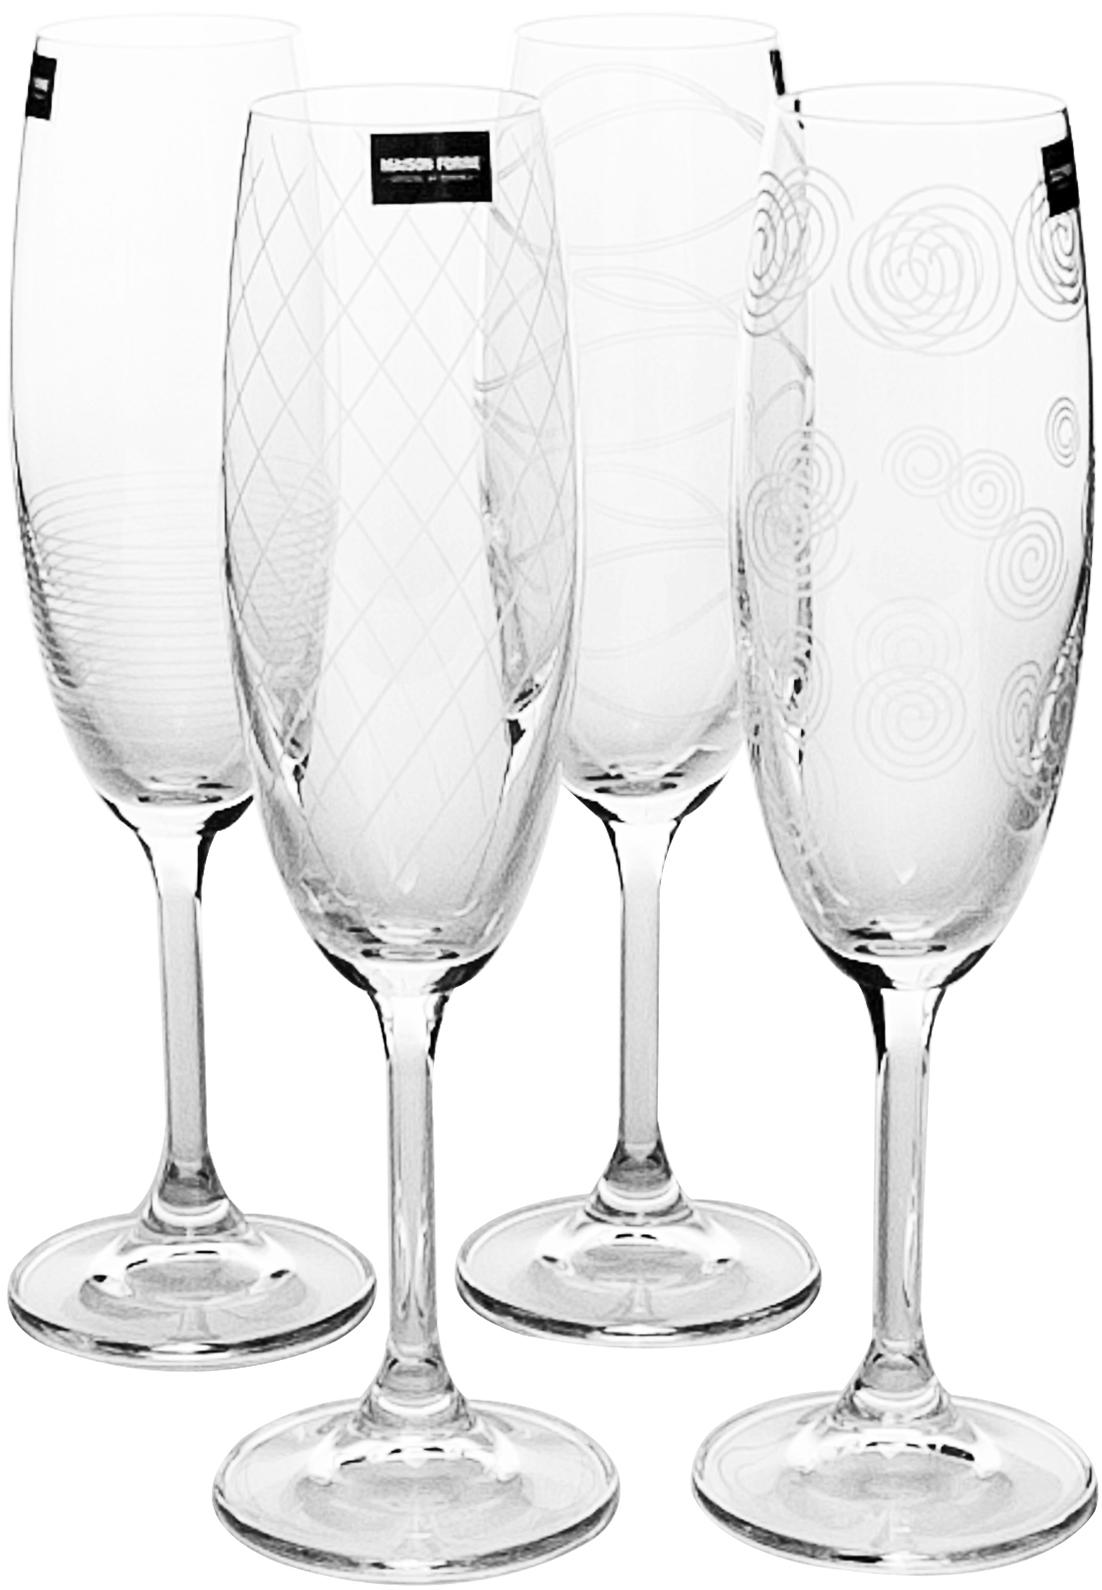 Набор бокалов для шампанского Banquet Crystal Leona Decor, 210 мл, 4 штKE02B4G006210D-4GBНабор бокалов для шампанского Banquet Crystal Leona Decor порадуют не только вас, но и ваших гостей.Они обладают привлекательным внешним видом, а материалом их изготовления является высококачественное хрустальное стекло.Они идеально подойдут для сервировки праздничного стола.Кроме того, красоту бокалов подчеркивают элегантные изгибы и оригинальный узор.Объем одного бокала составляет 210 мл.Количество в упаковке 4 шт.